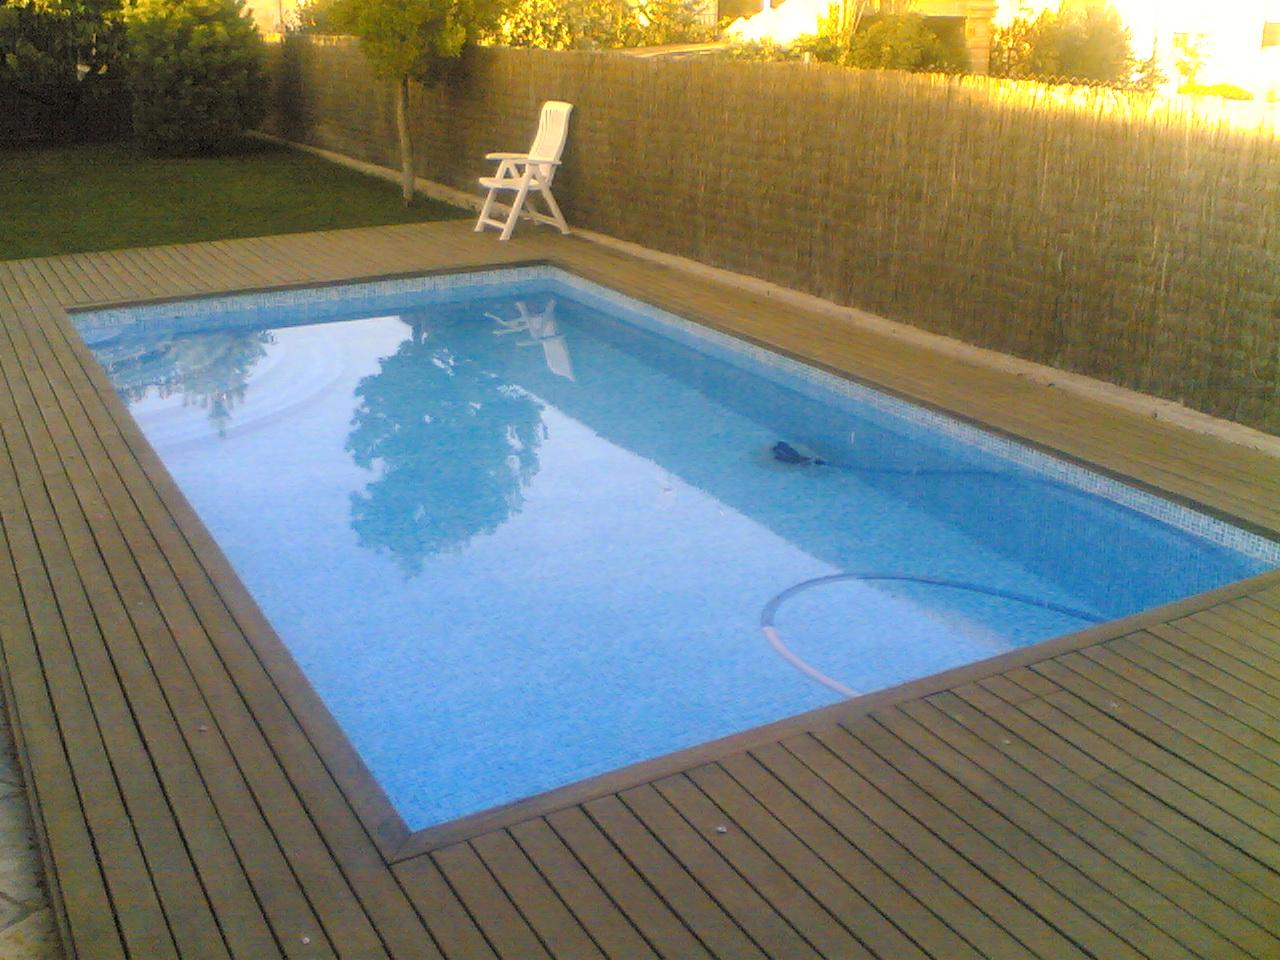 Piscinas de poliester codetrac s l expertos en piscinas for Precio construccion piscina de obra